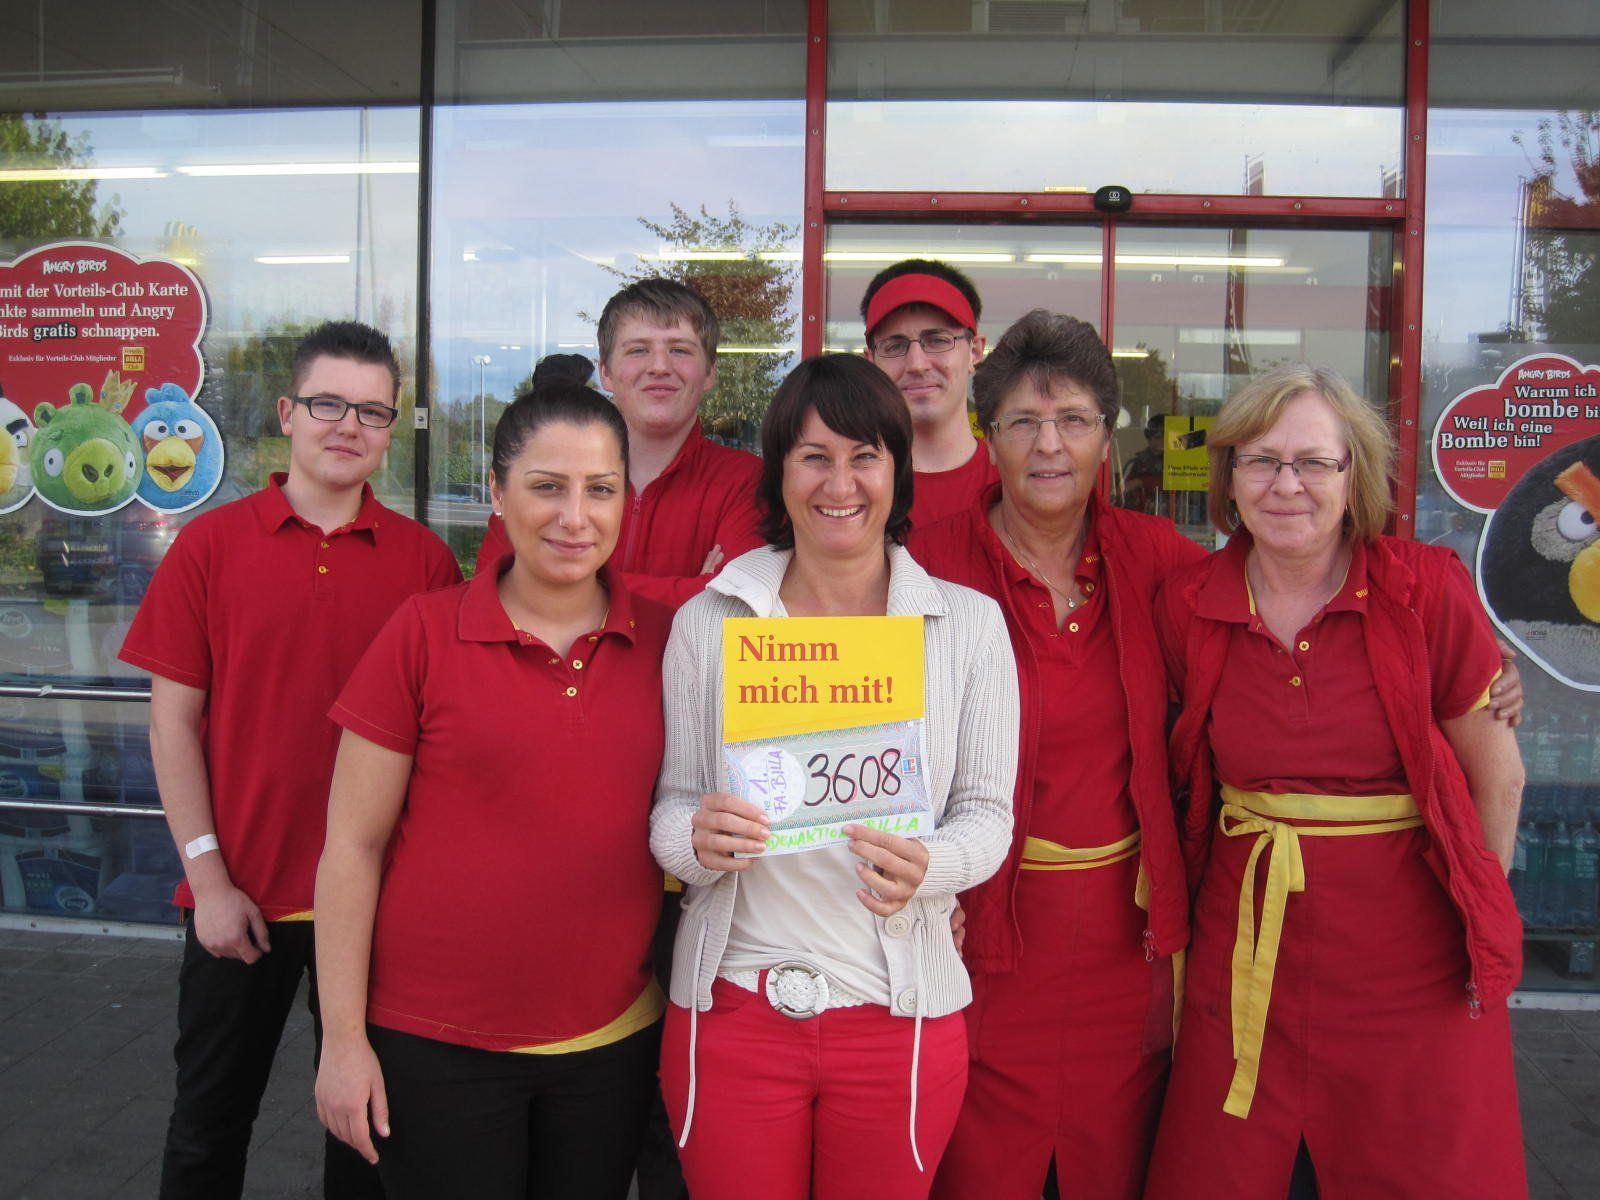 Geben für Leben Obfrau Susanne Marosch konnte einen Scheck von 3608 Euro in Empfang nehmen.